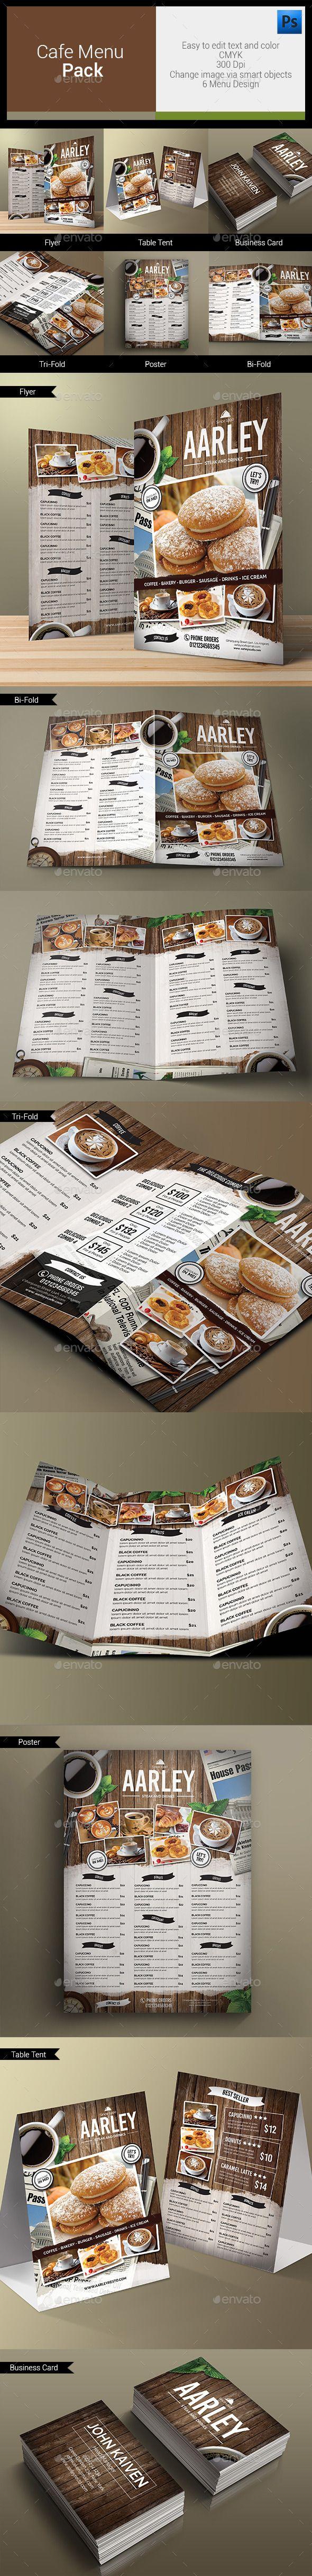 Cafe Menu Pack Template #design Download: http://graphicriver.net/item/cafe-menu-pack/12319050?ref=ksioks